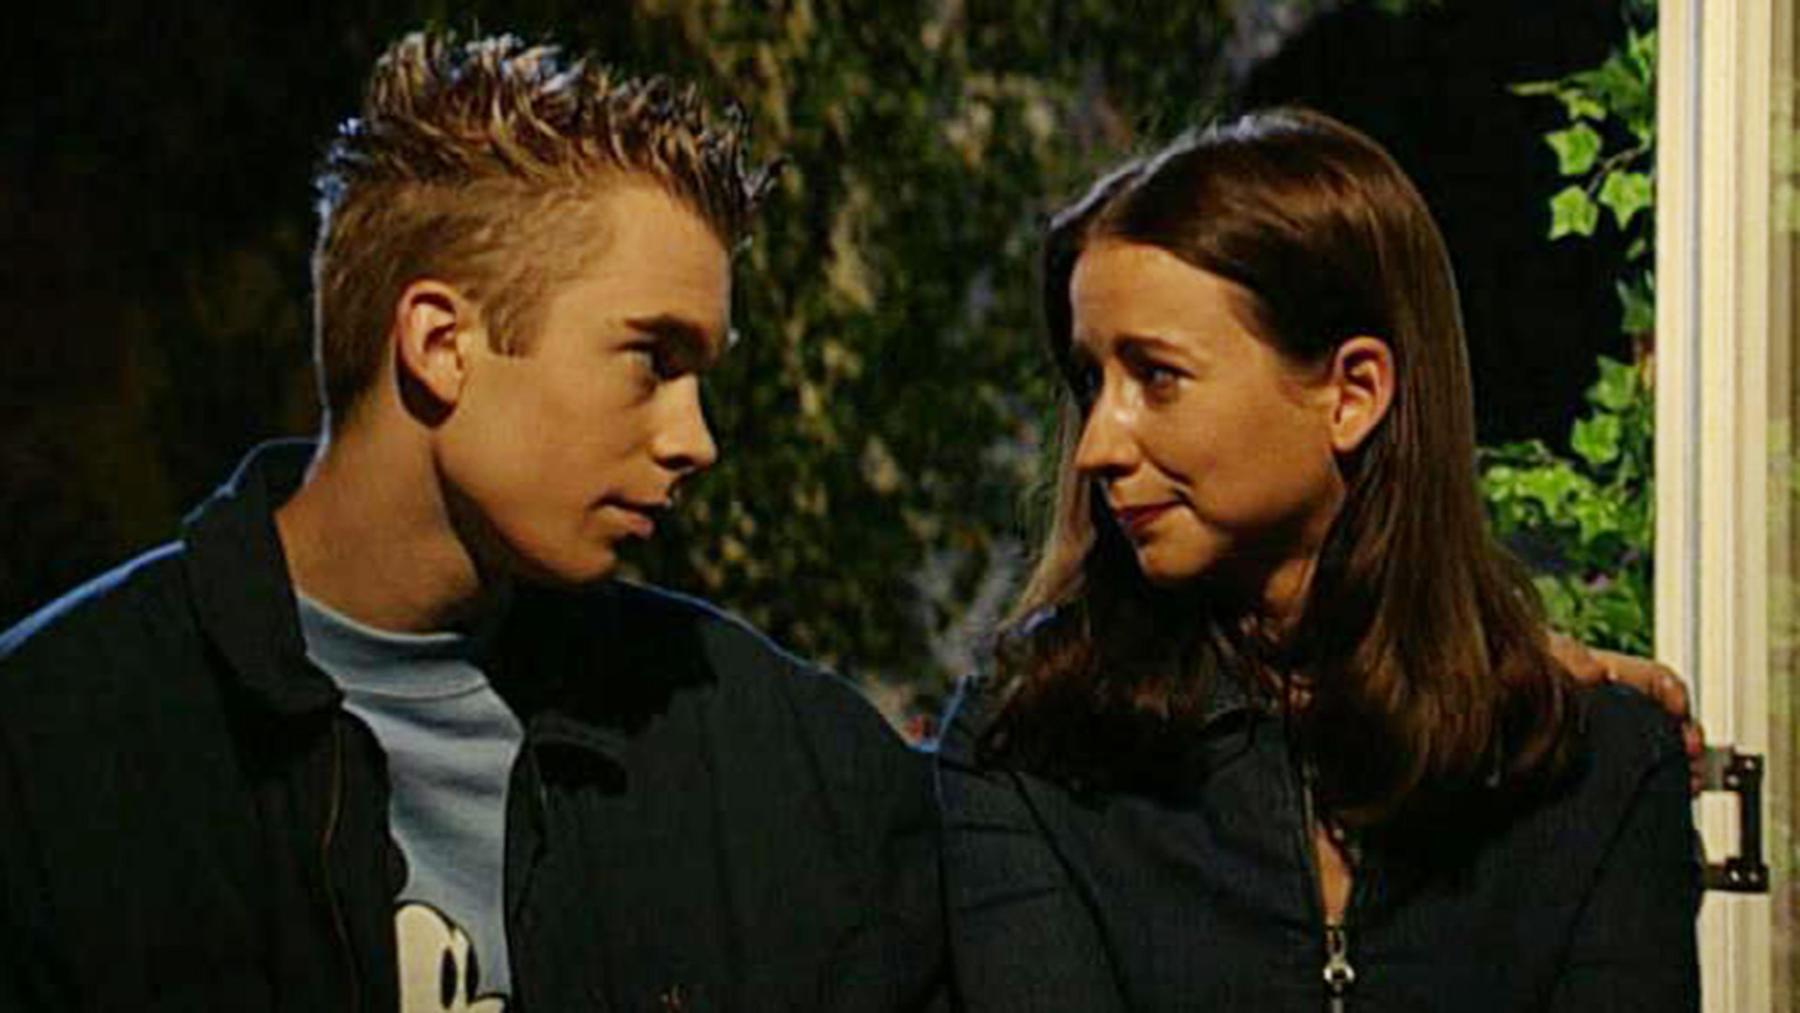 Nick versucht, die völlig verzweifelte Ute zu trösten.